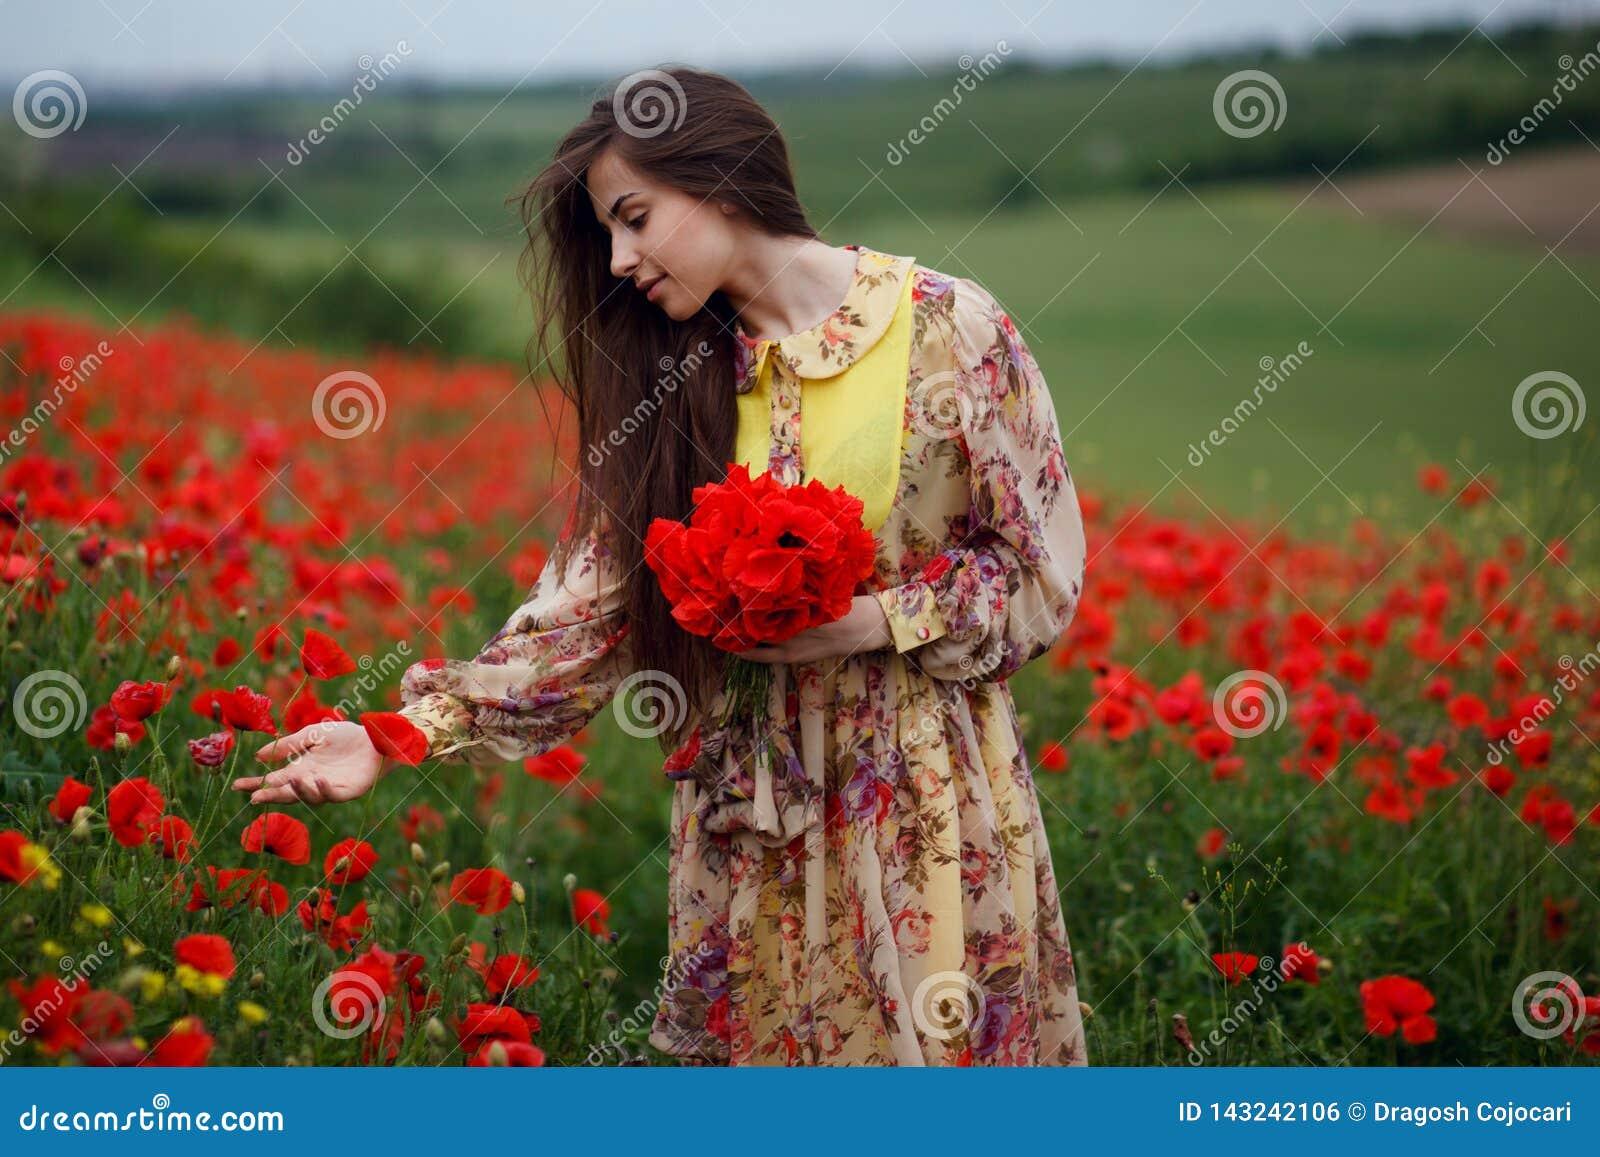 一美丽的年轻女人的档案,长发,站立在红色鸦片花田,美好的风景背景